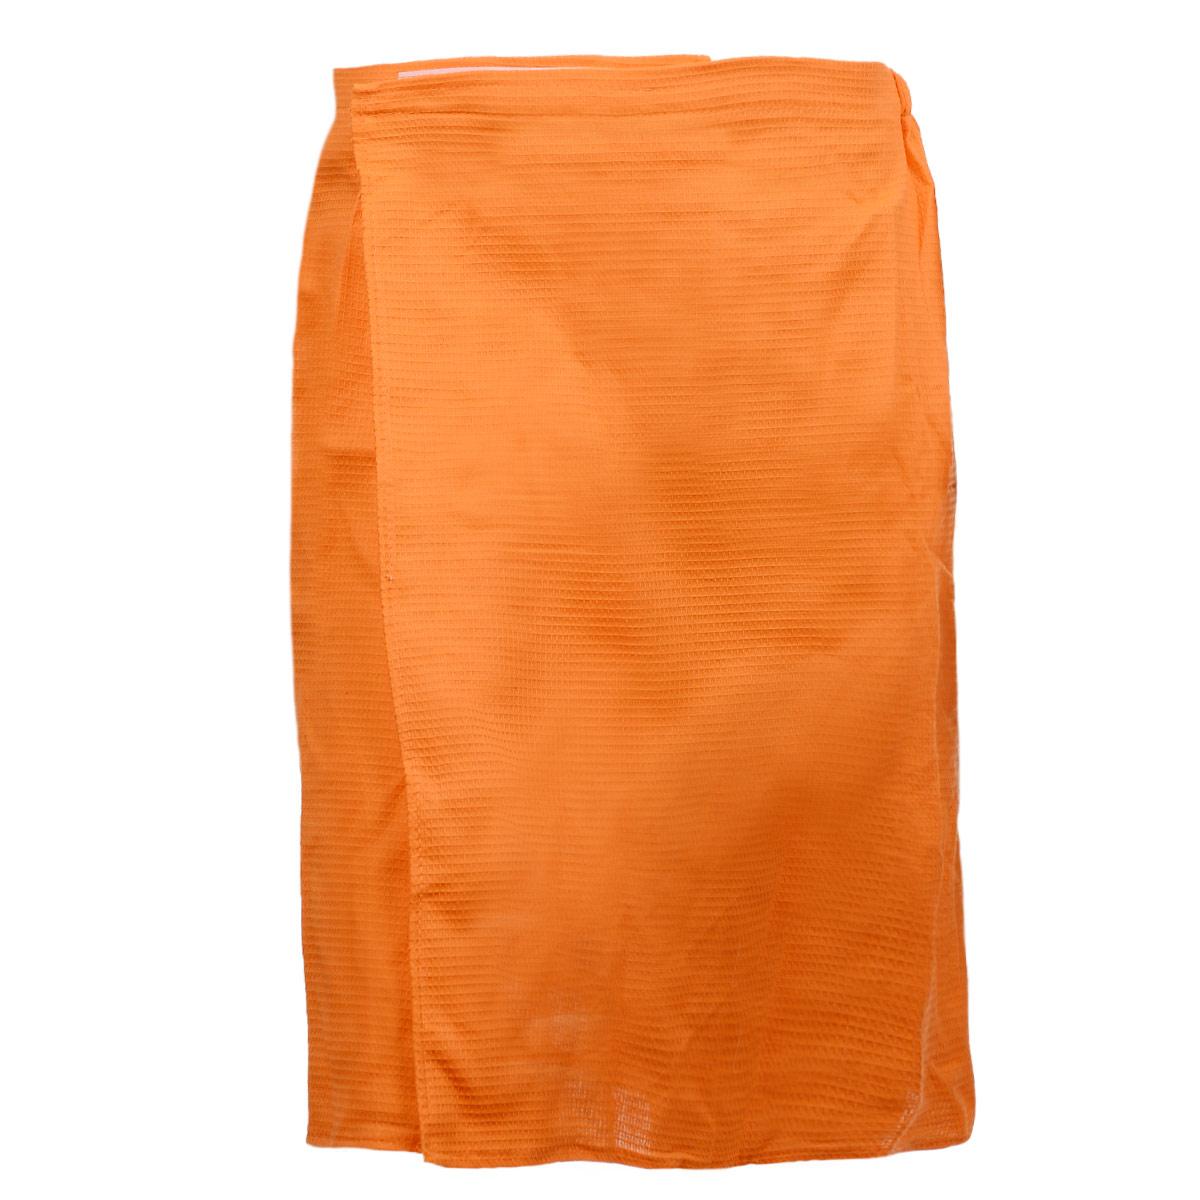 Килт для бани и сауны Банные штучки, мужской, цвет: оранжевый30020Вафельный килт для бани и сауны Банные штучки, выполненный из натурального хлопка,привлечет внимание любителей модных тенденций в банной одежде. Килт - это многофункциональное полотенце специального покроя с резинкой и застежкой. Впарилке можно лежать на нем, после душа вытираться, а во время отдыха использовать какудобную накидку.Длина килта: 60 см. Ширина килта: 145 см. Размер: 36-60.